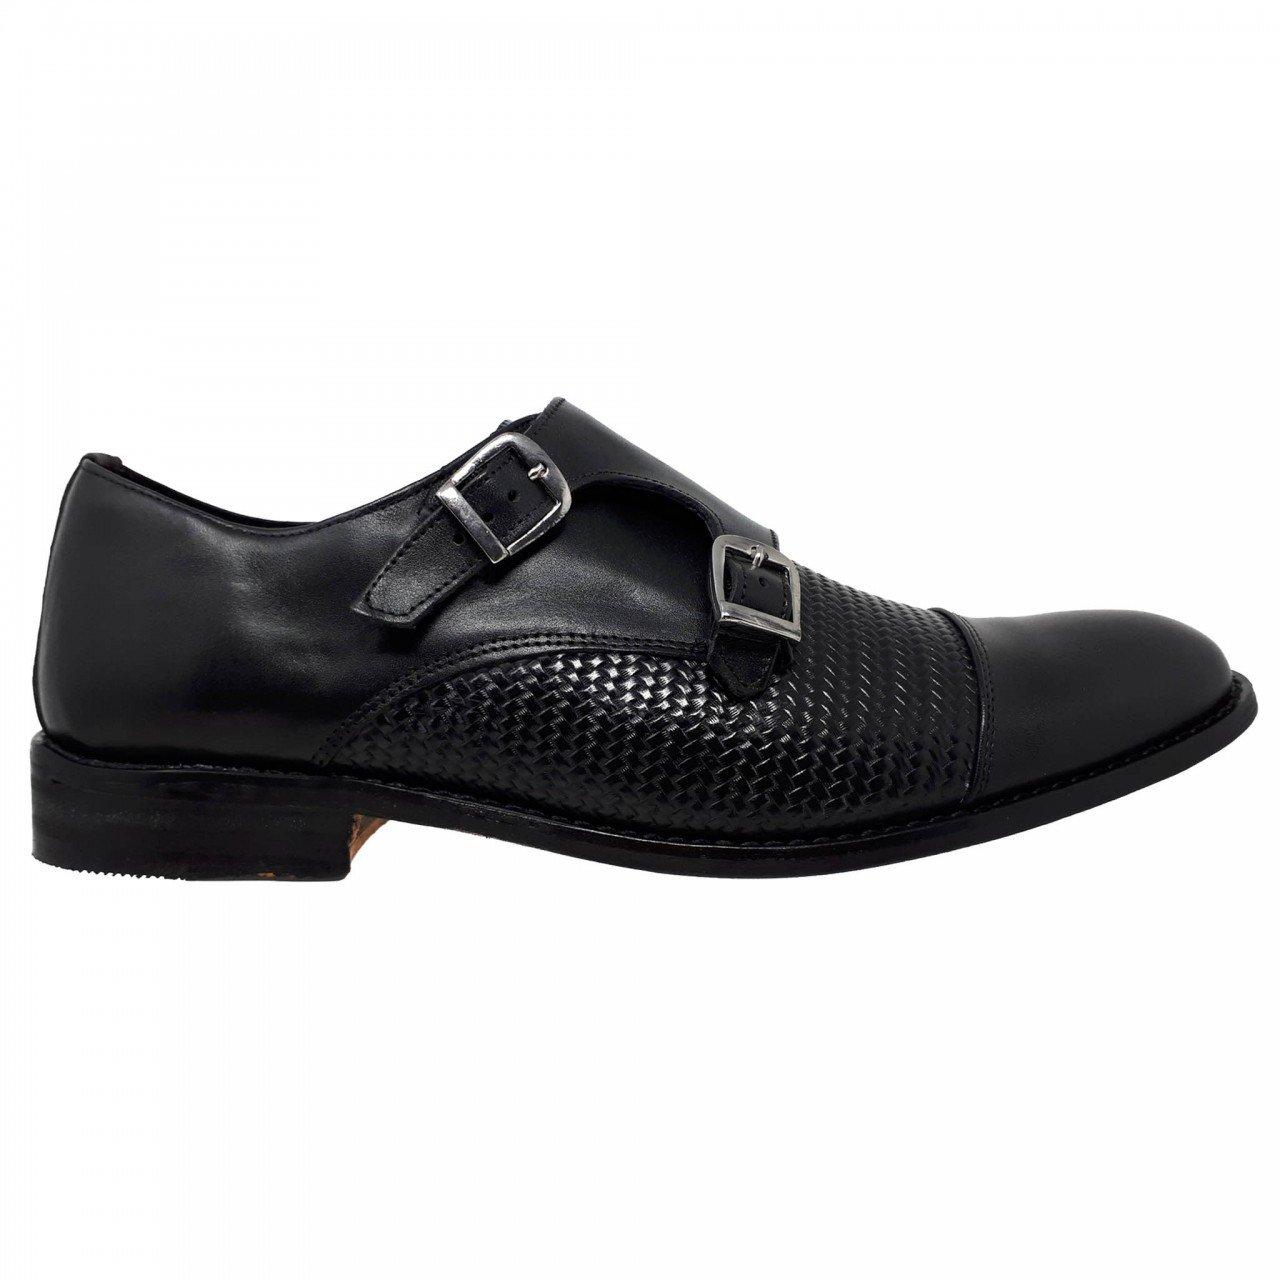 Zapato de vestir negro para hombre  H930